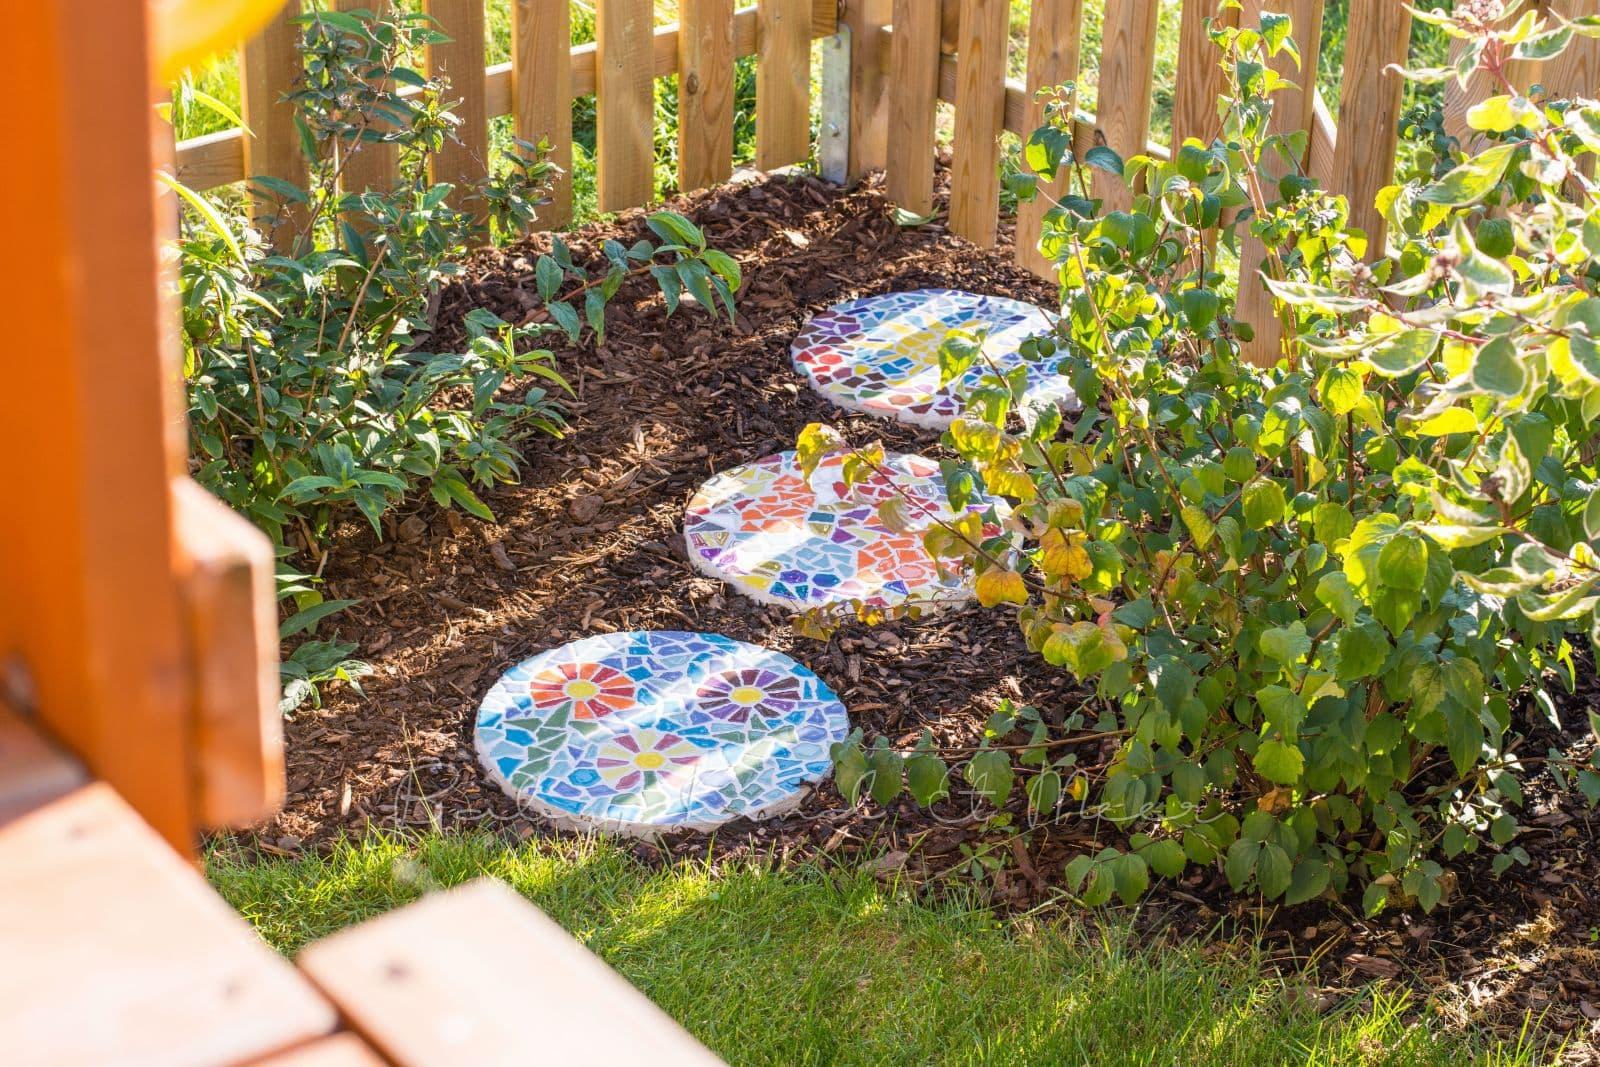 Bezaubernd Mosaik Garten Referenz Von Diy Gehwegplatten FÜr Den Bau